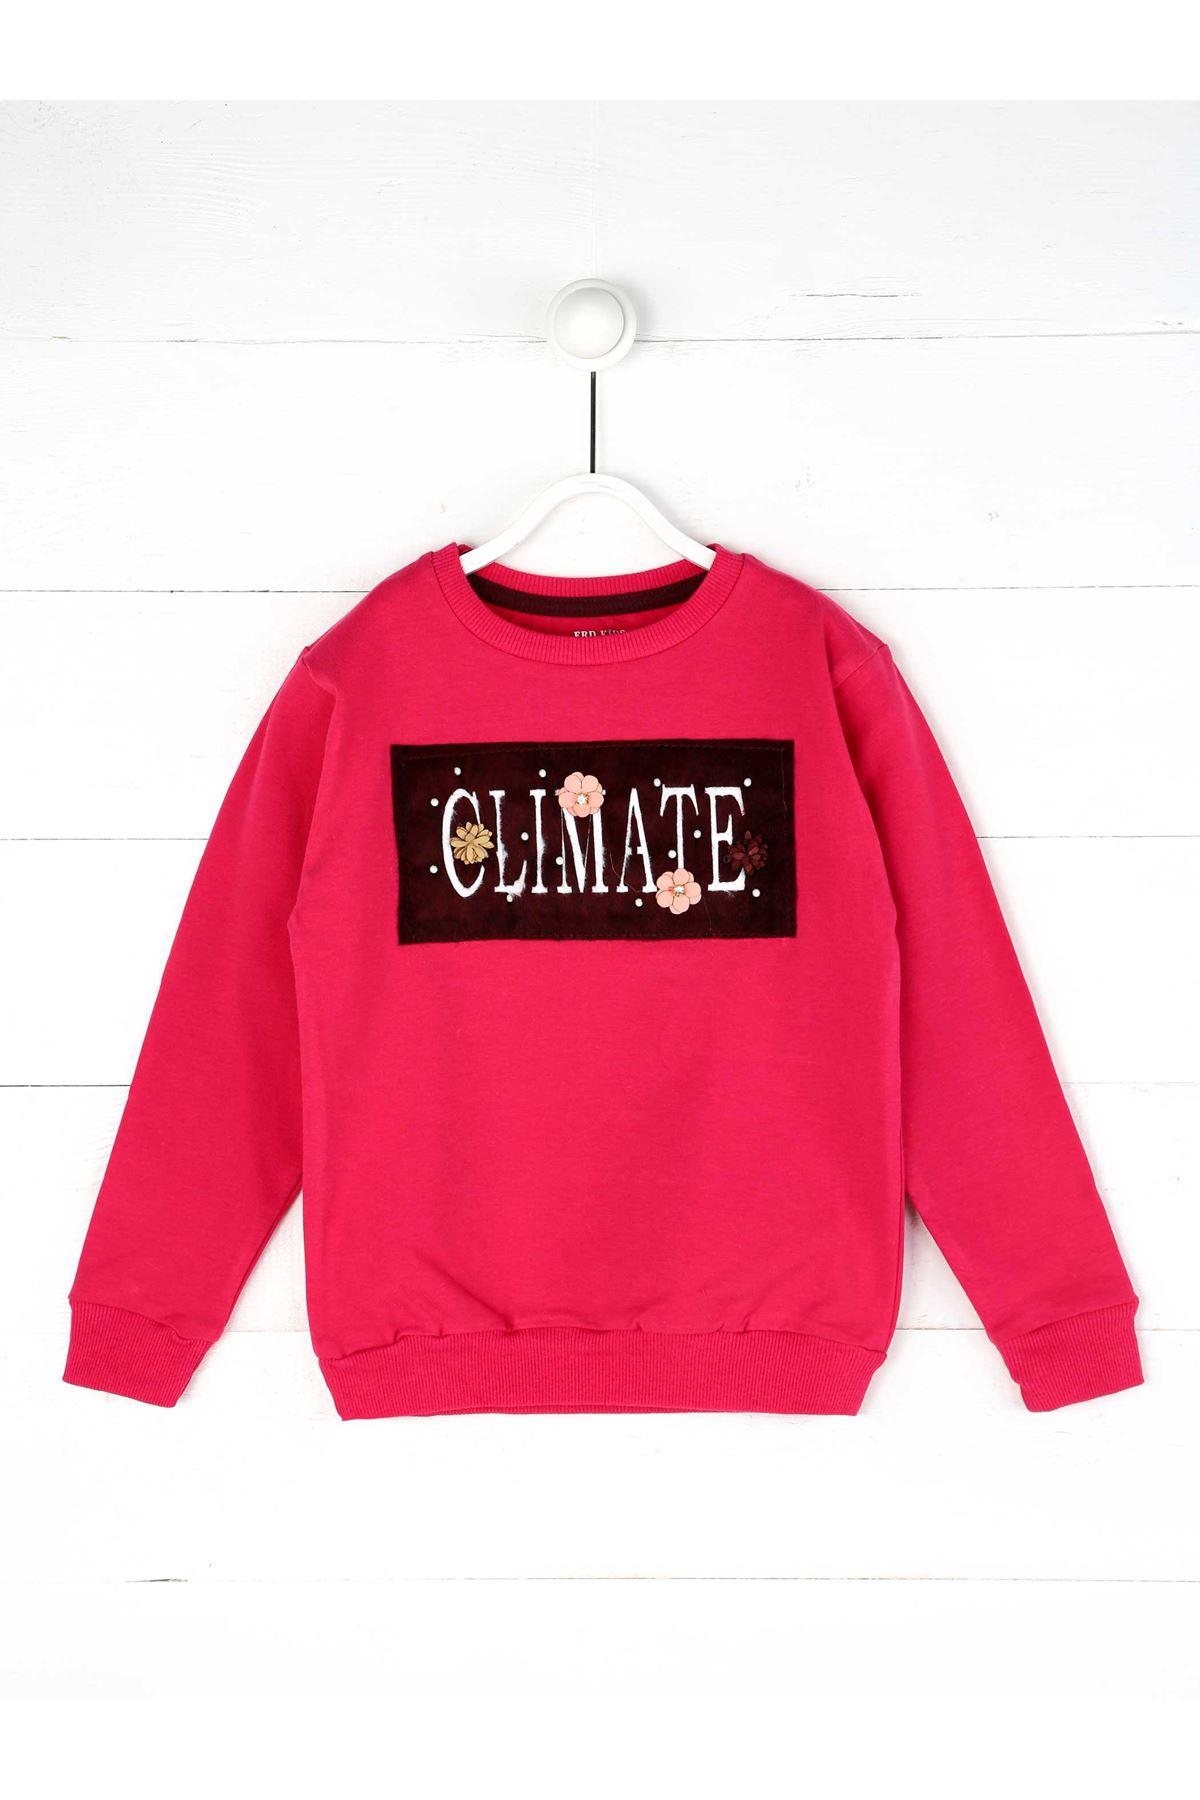 Fuchsia Seasonal Girl Child Sweatshirt